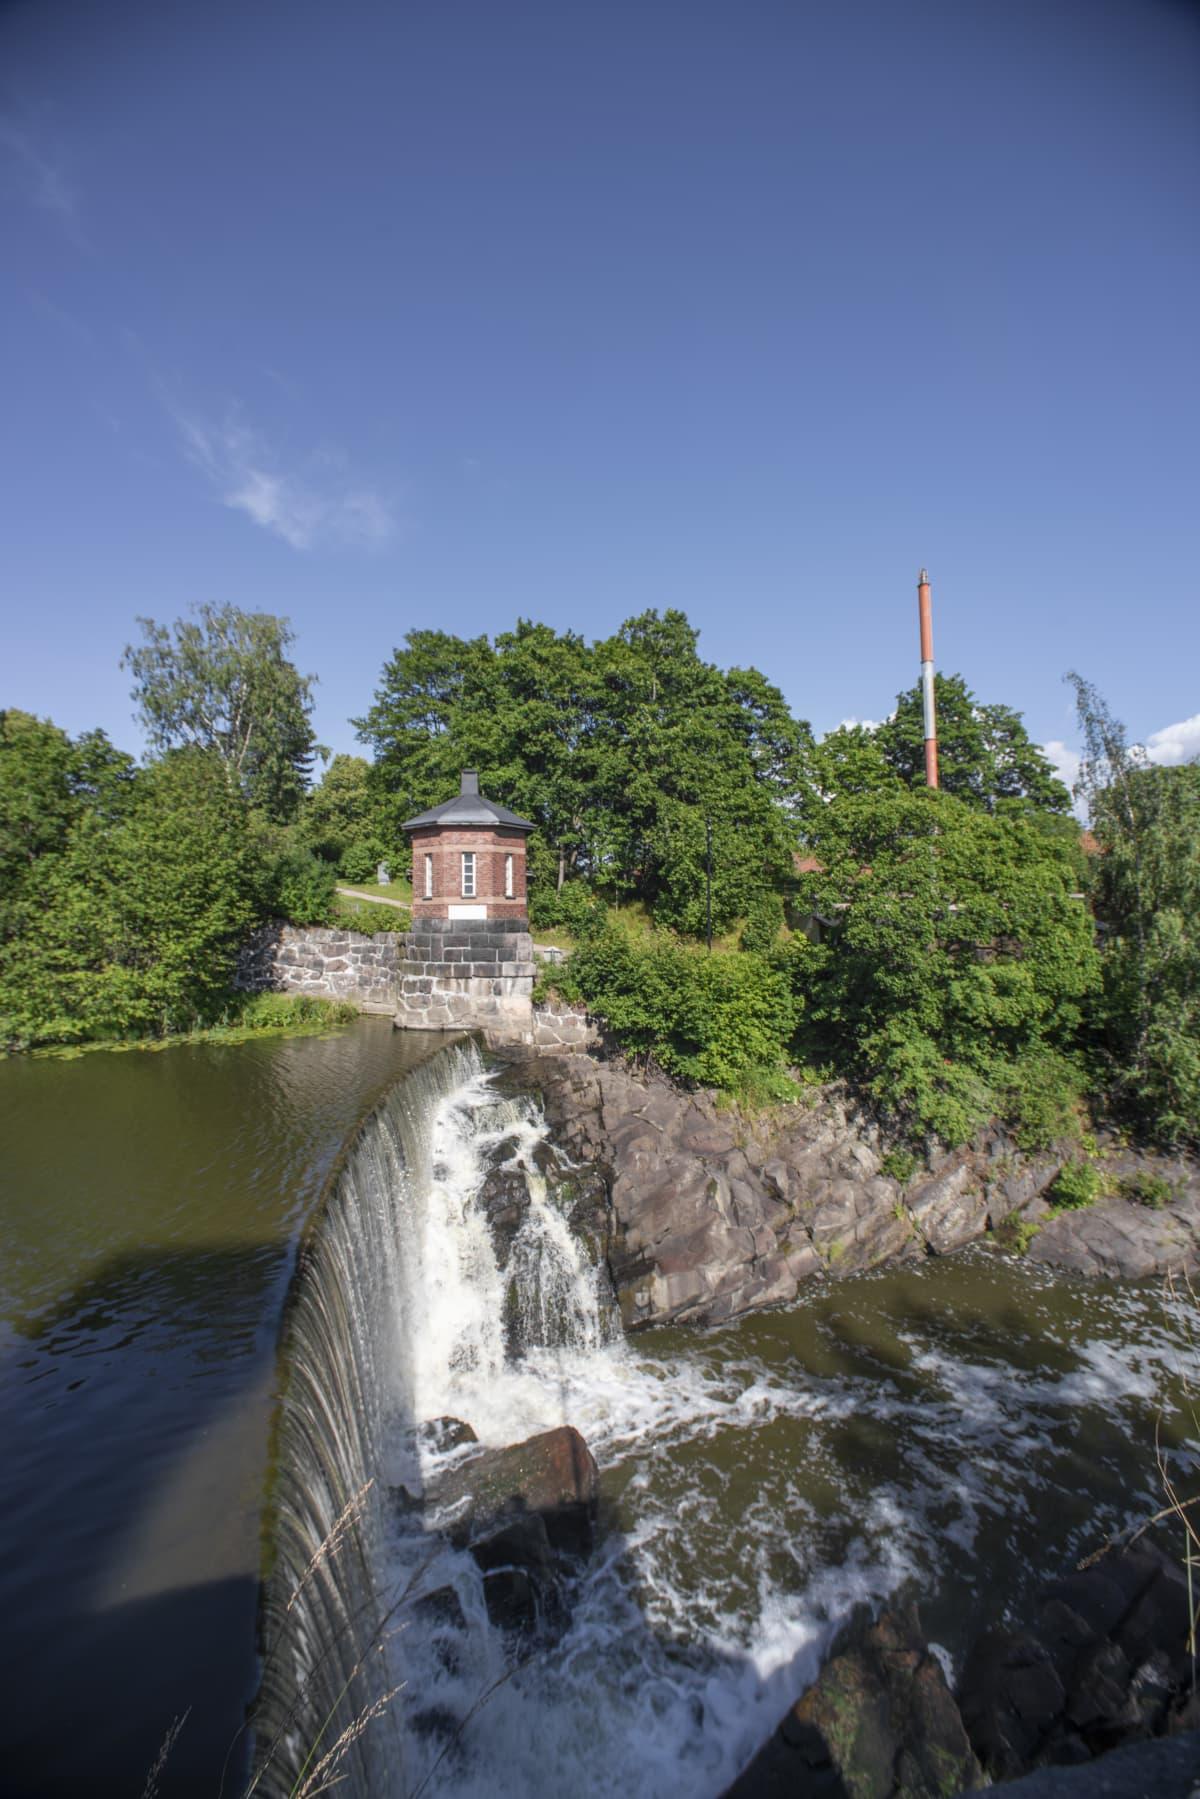 En damm som vattnet forsar över, ner i ett vattenfall. I bakgrunden syns träd och ett litet tegelhus. Det är en solig dag, himlen är blå.